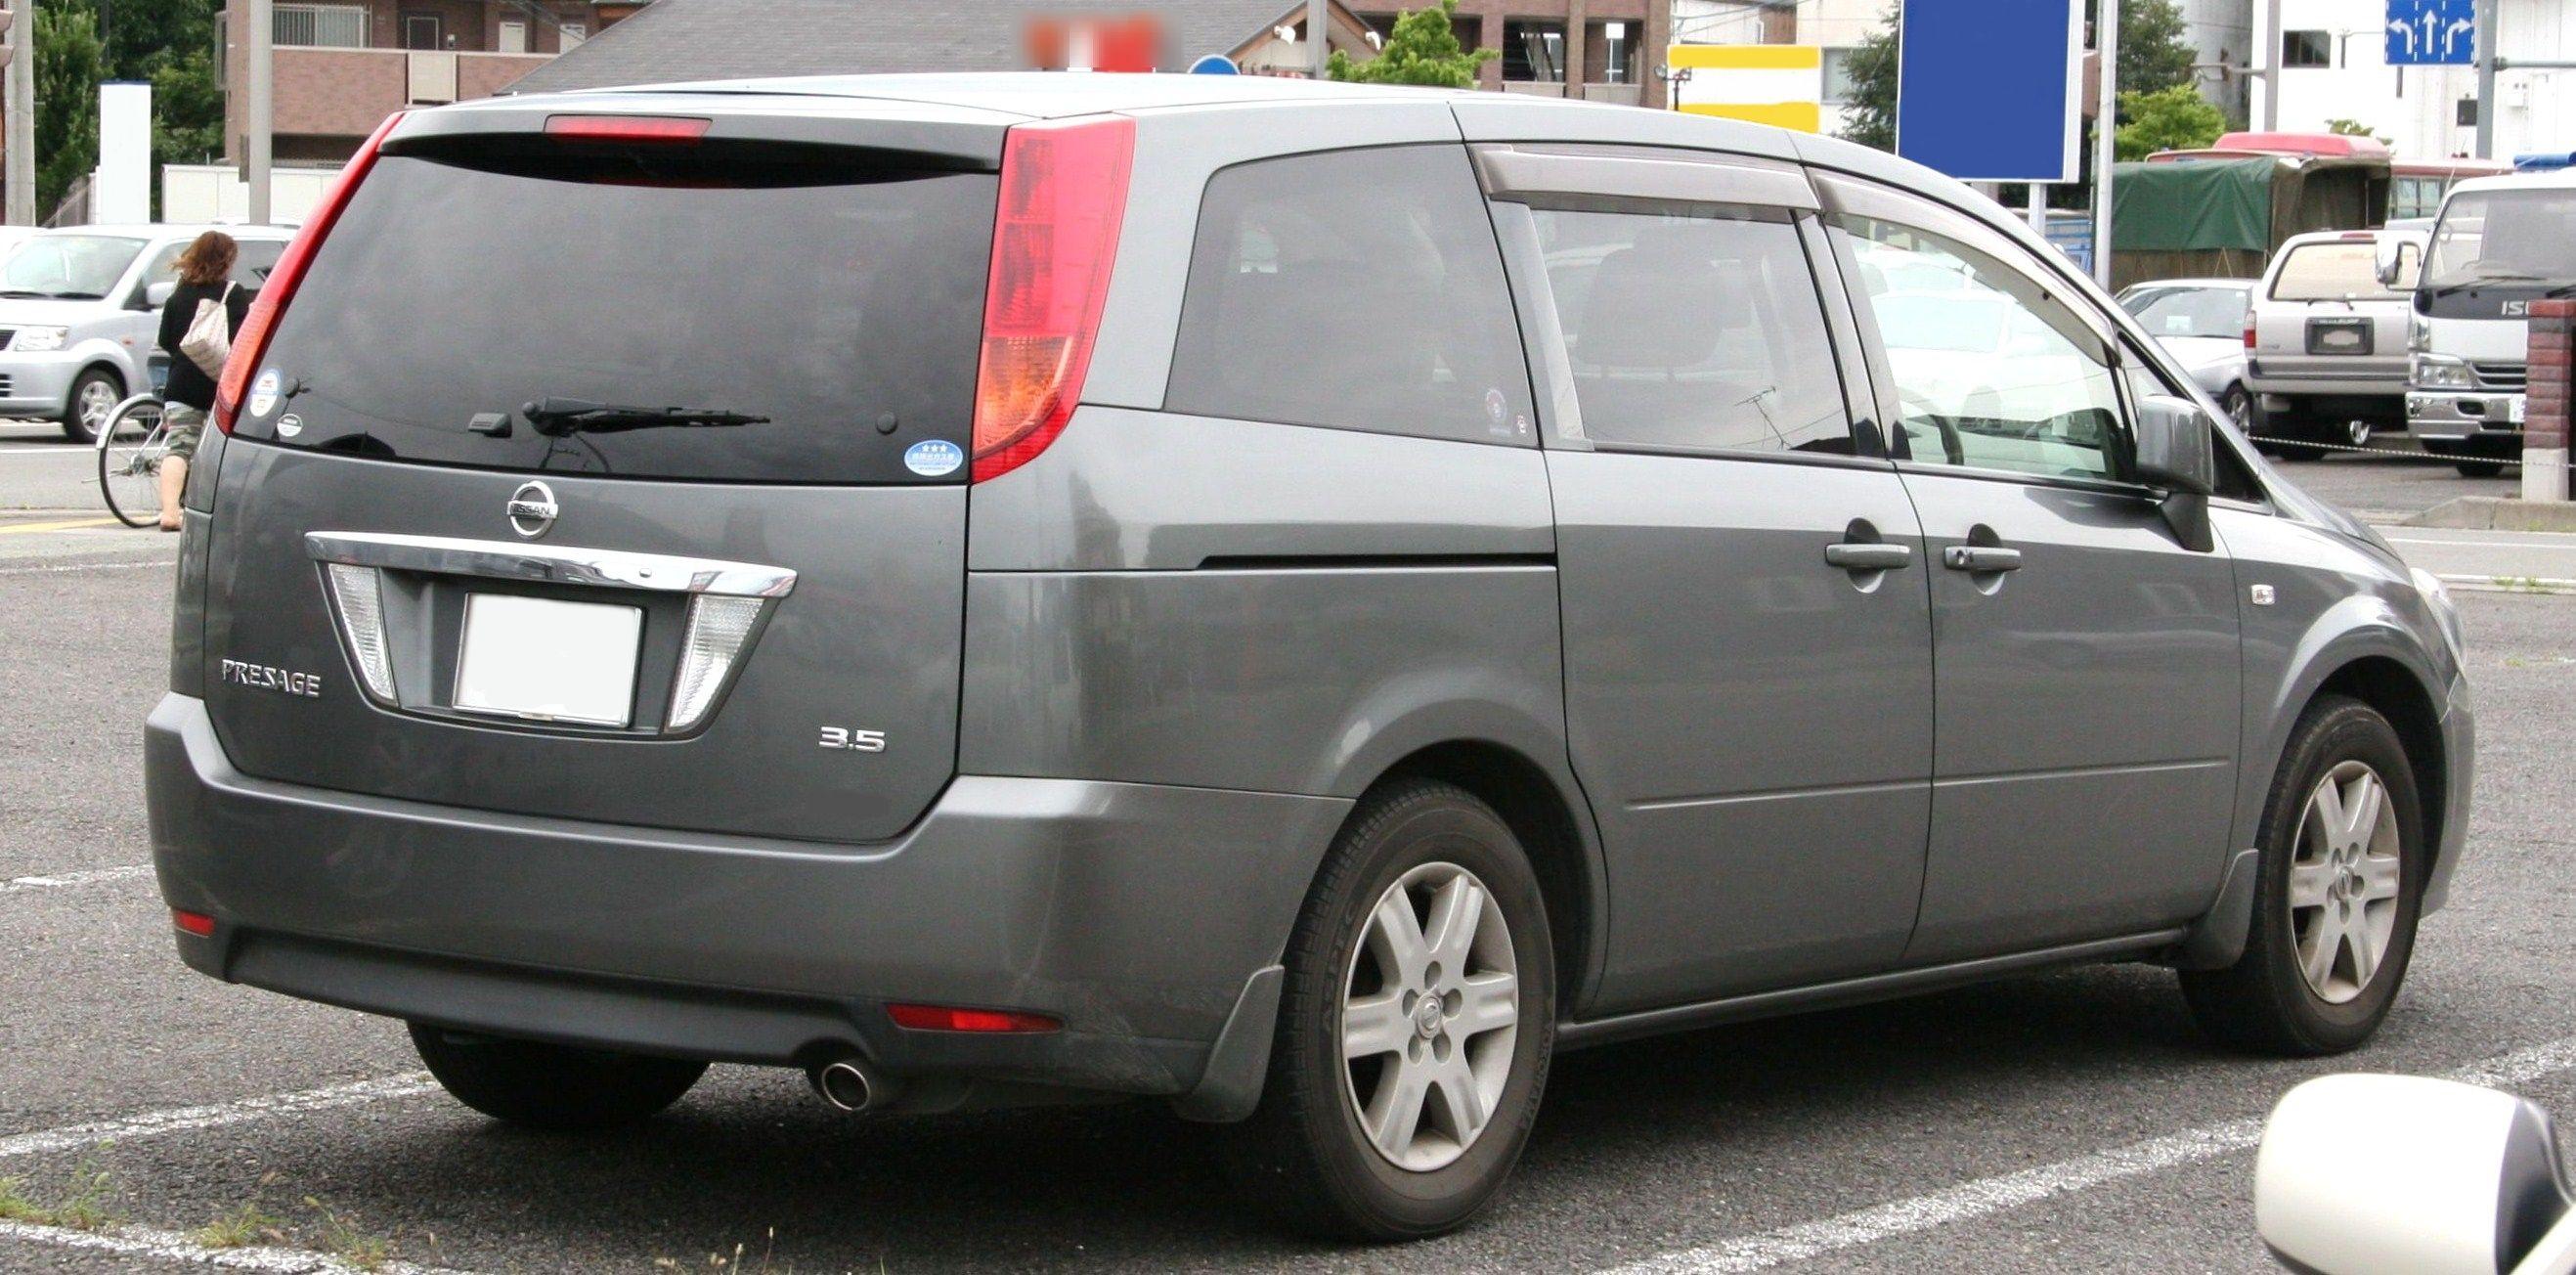 Nissan Presage: 11 фото.